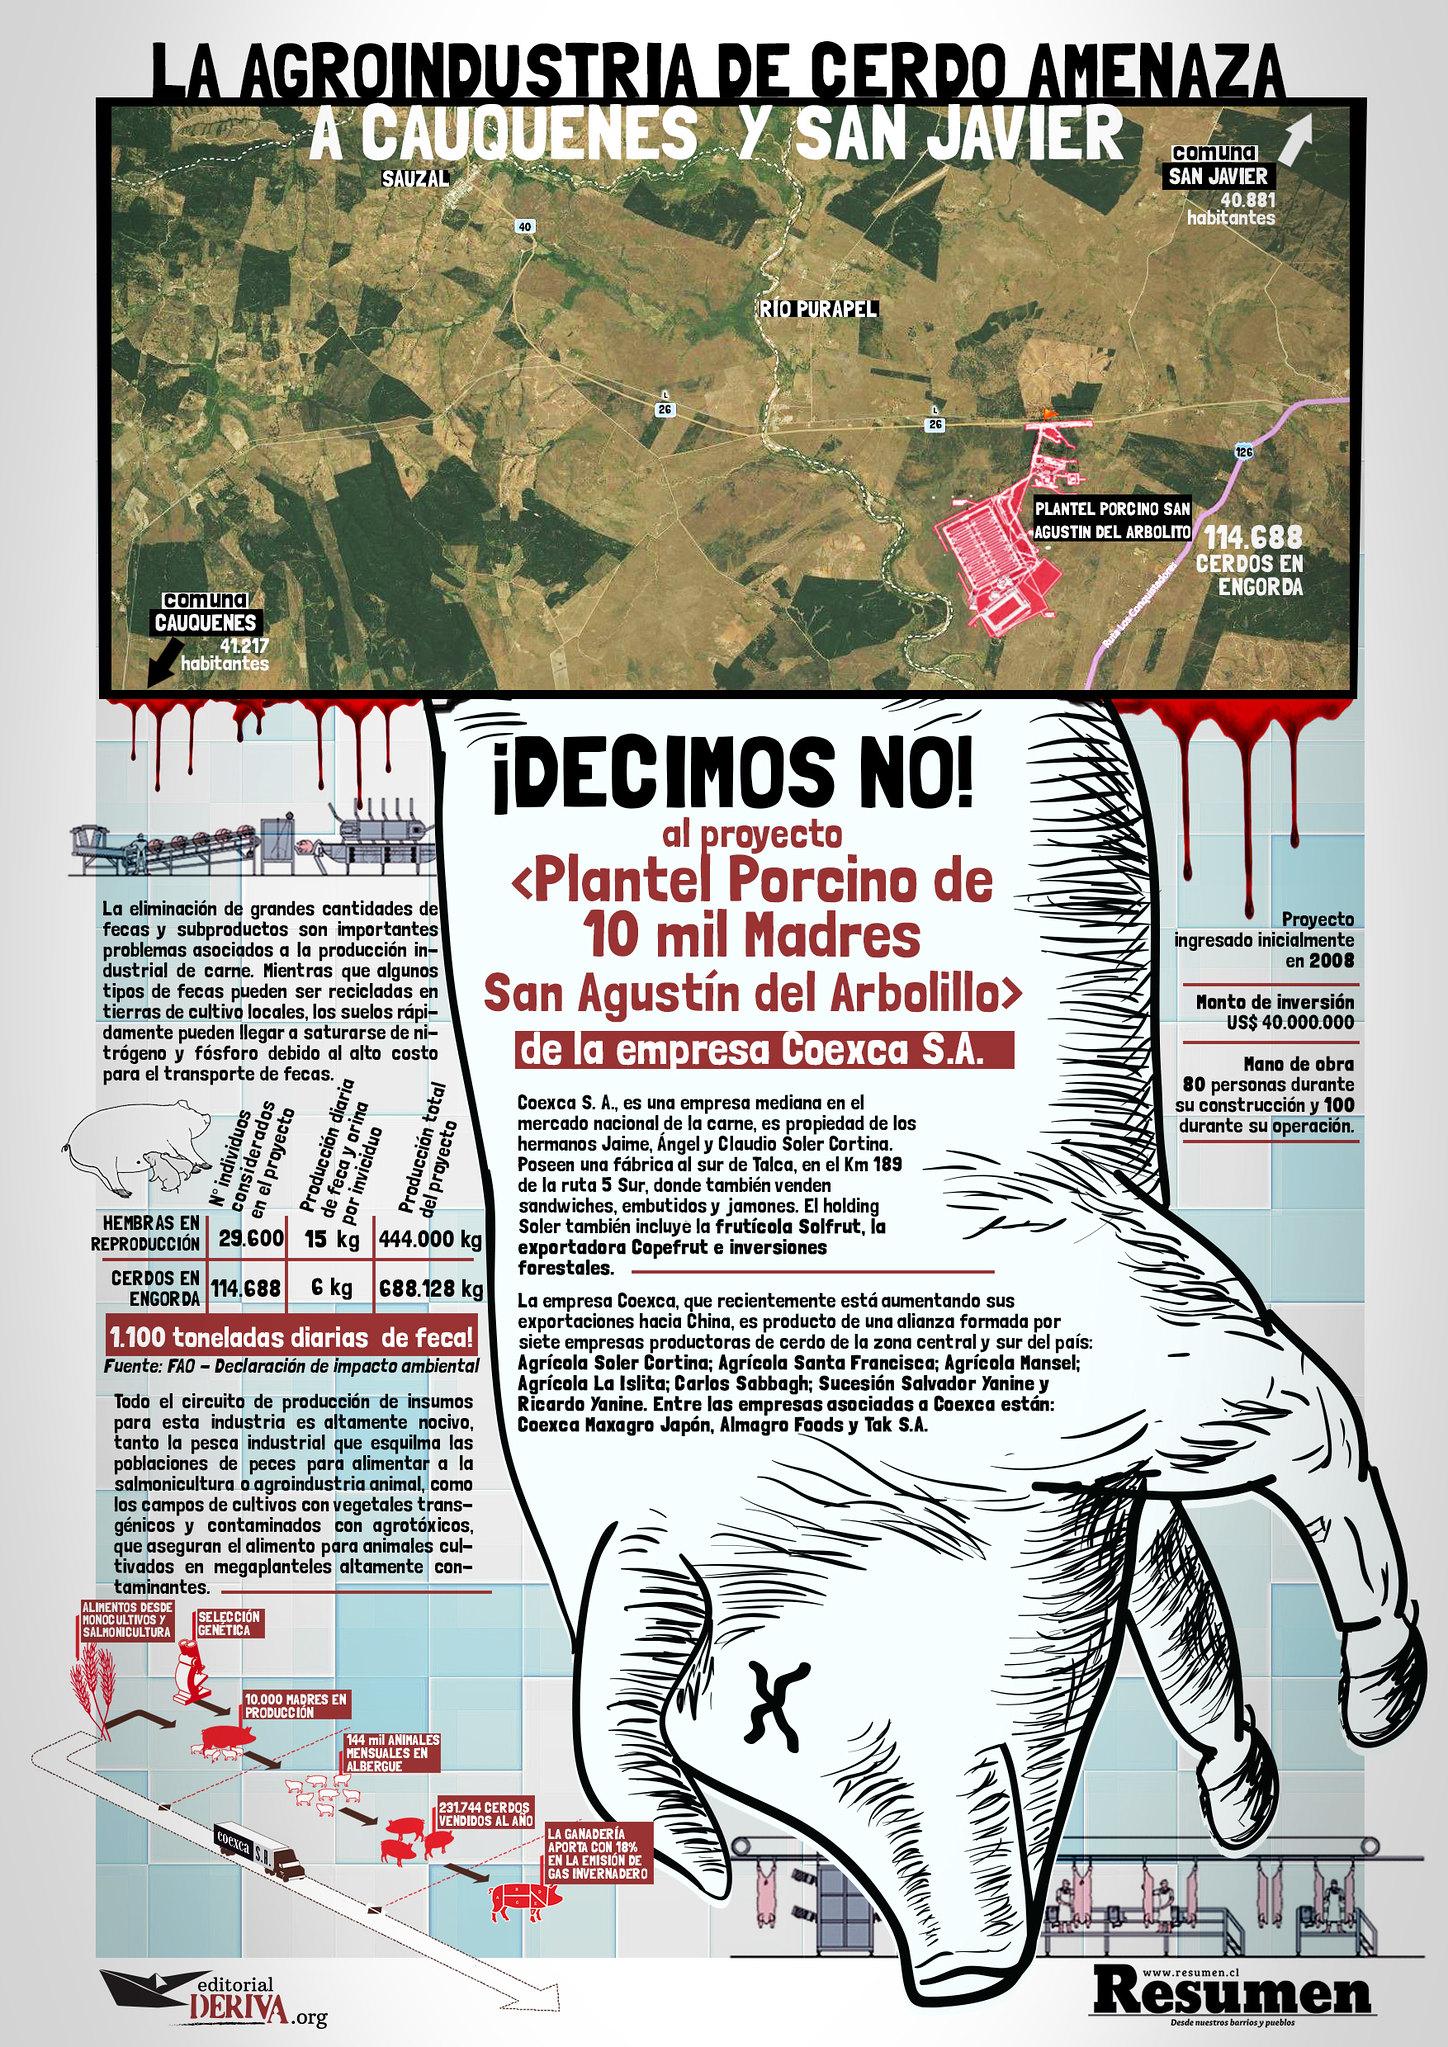 INFOGRAFÍA: LA AGROINDUSTRIA DE CERDO AMENAZA A CAUQUENES Y SAN JAVIER